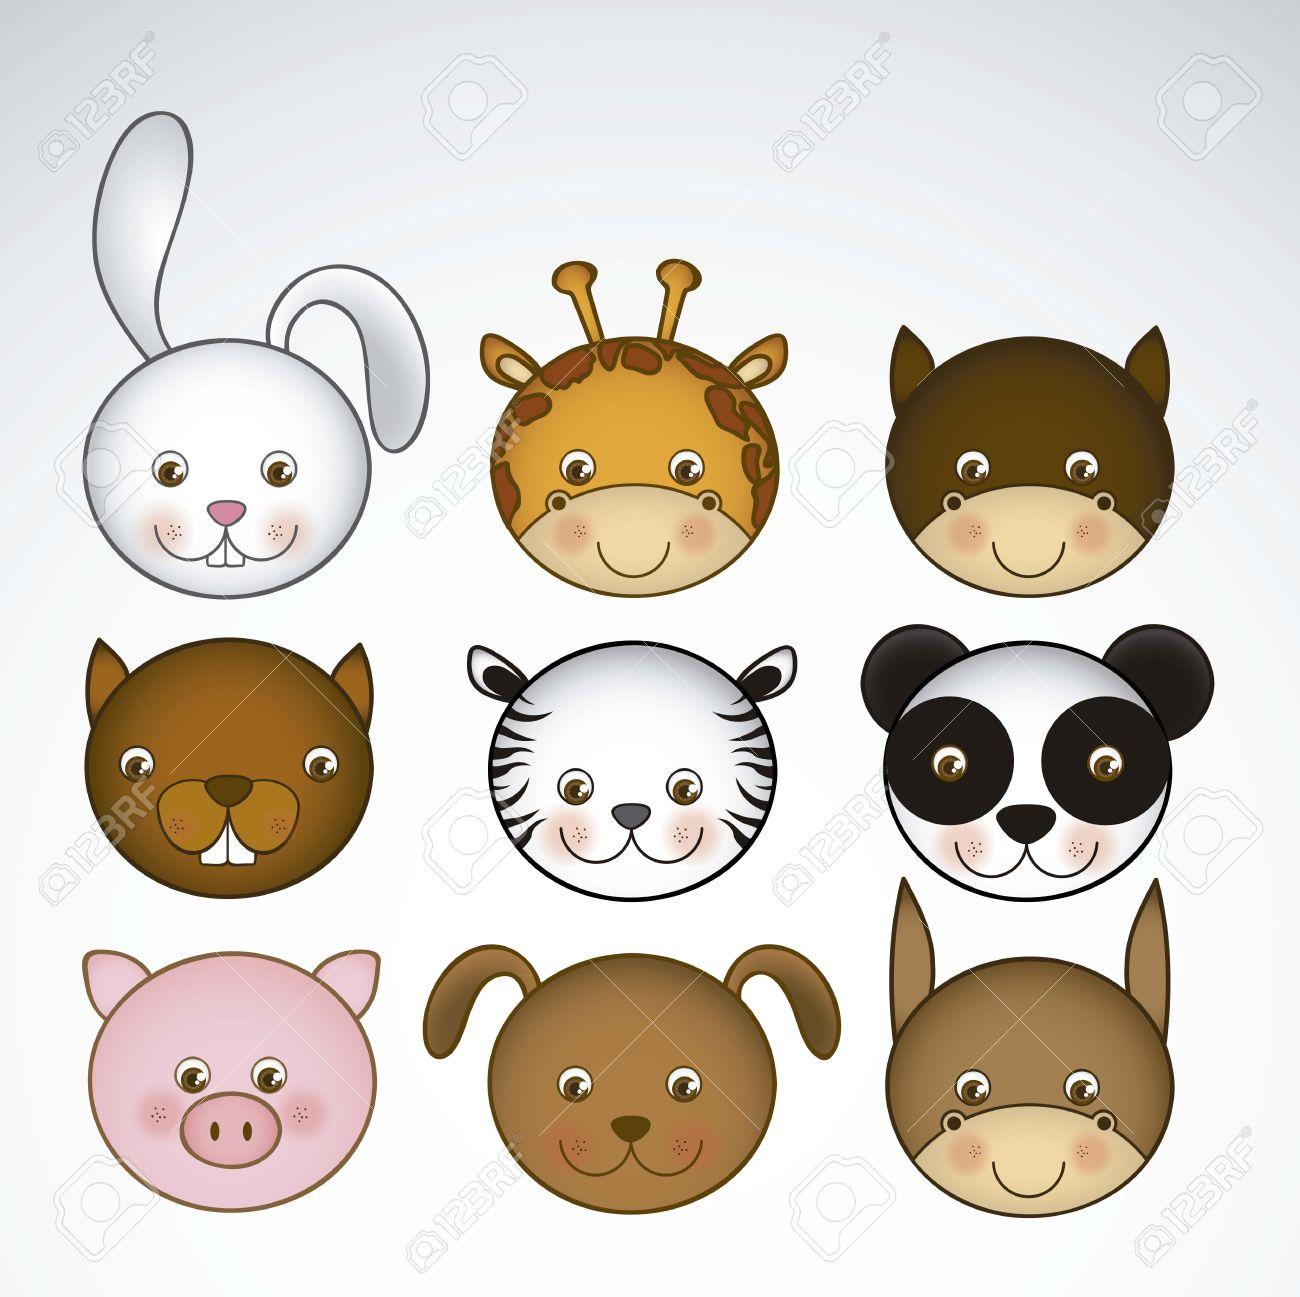 キリン、ウサギ、リス、馬、ラバ、パンダ、トラ、ブタ、犬の動物アイコン